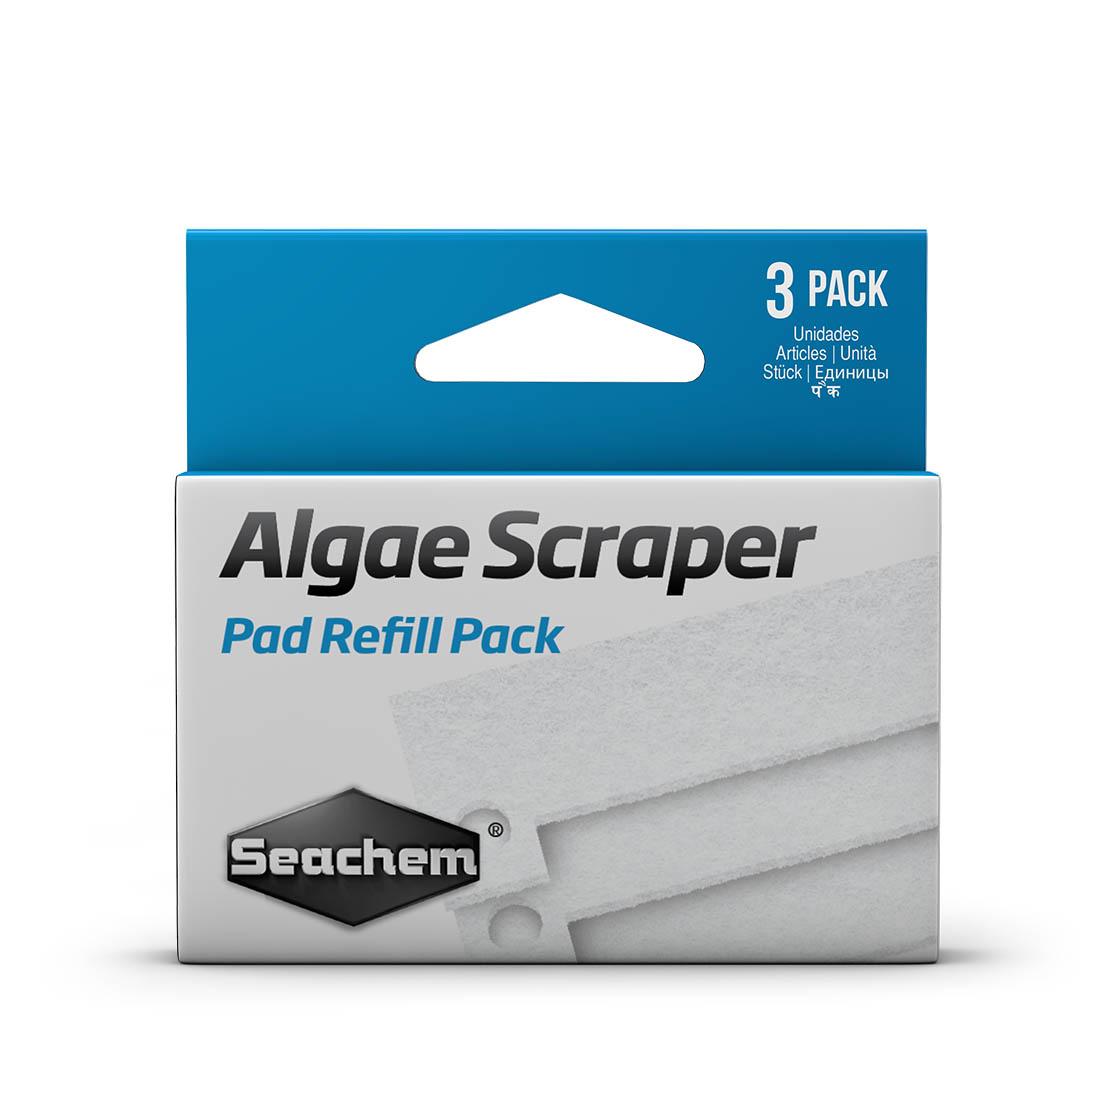 algae-scraper-pad-refill